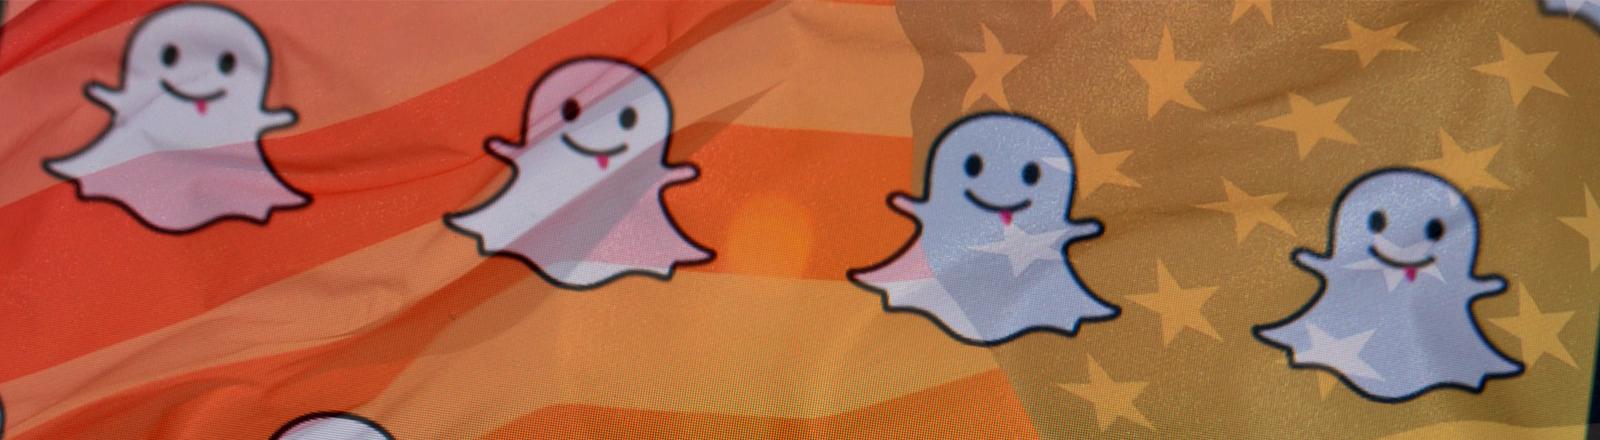 Über dem Snapchat-Logo liegt die US-Flagge.